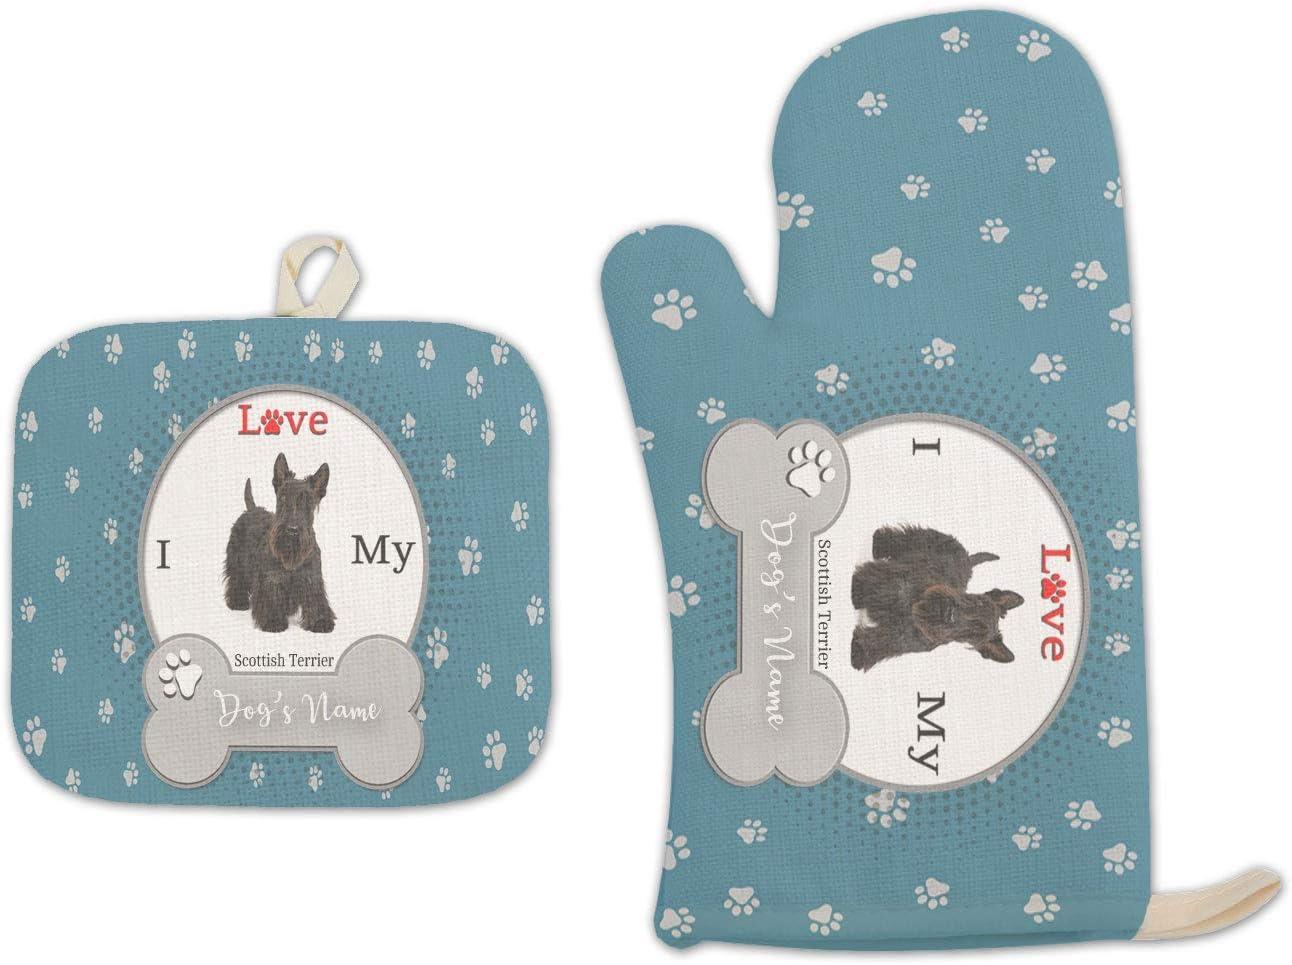 Bleu Reign BRGiftShop Personalized Custom Name I Love My Dog Scottish Terrier Linen Oven Mitt and Potholder Set